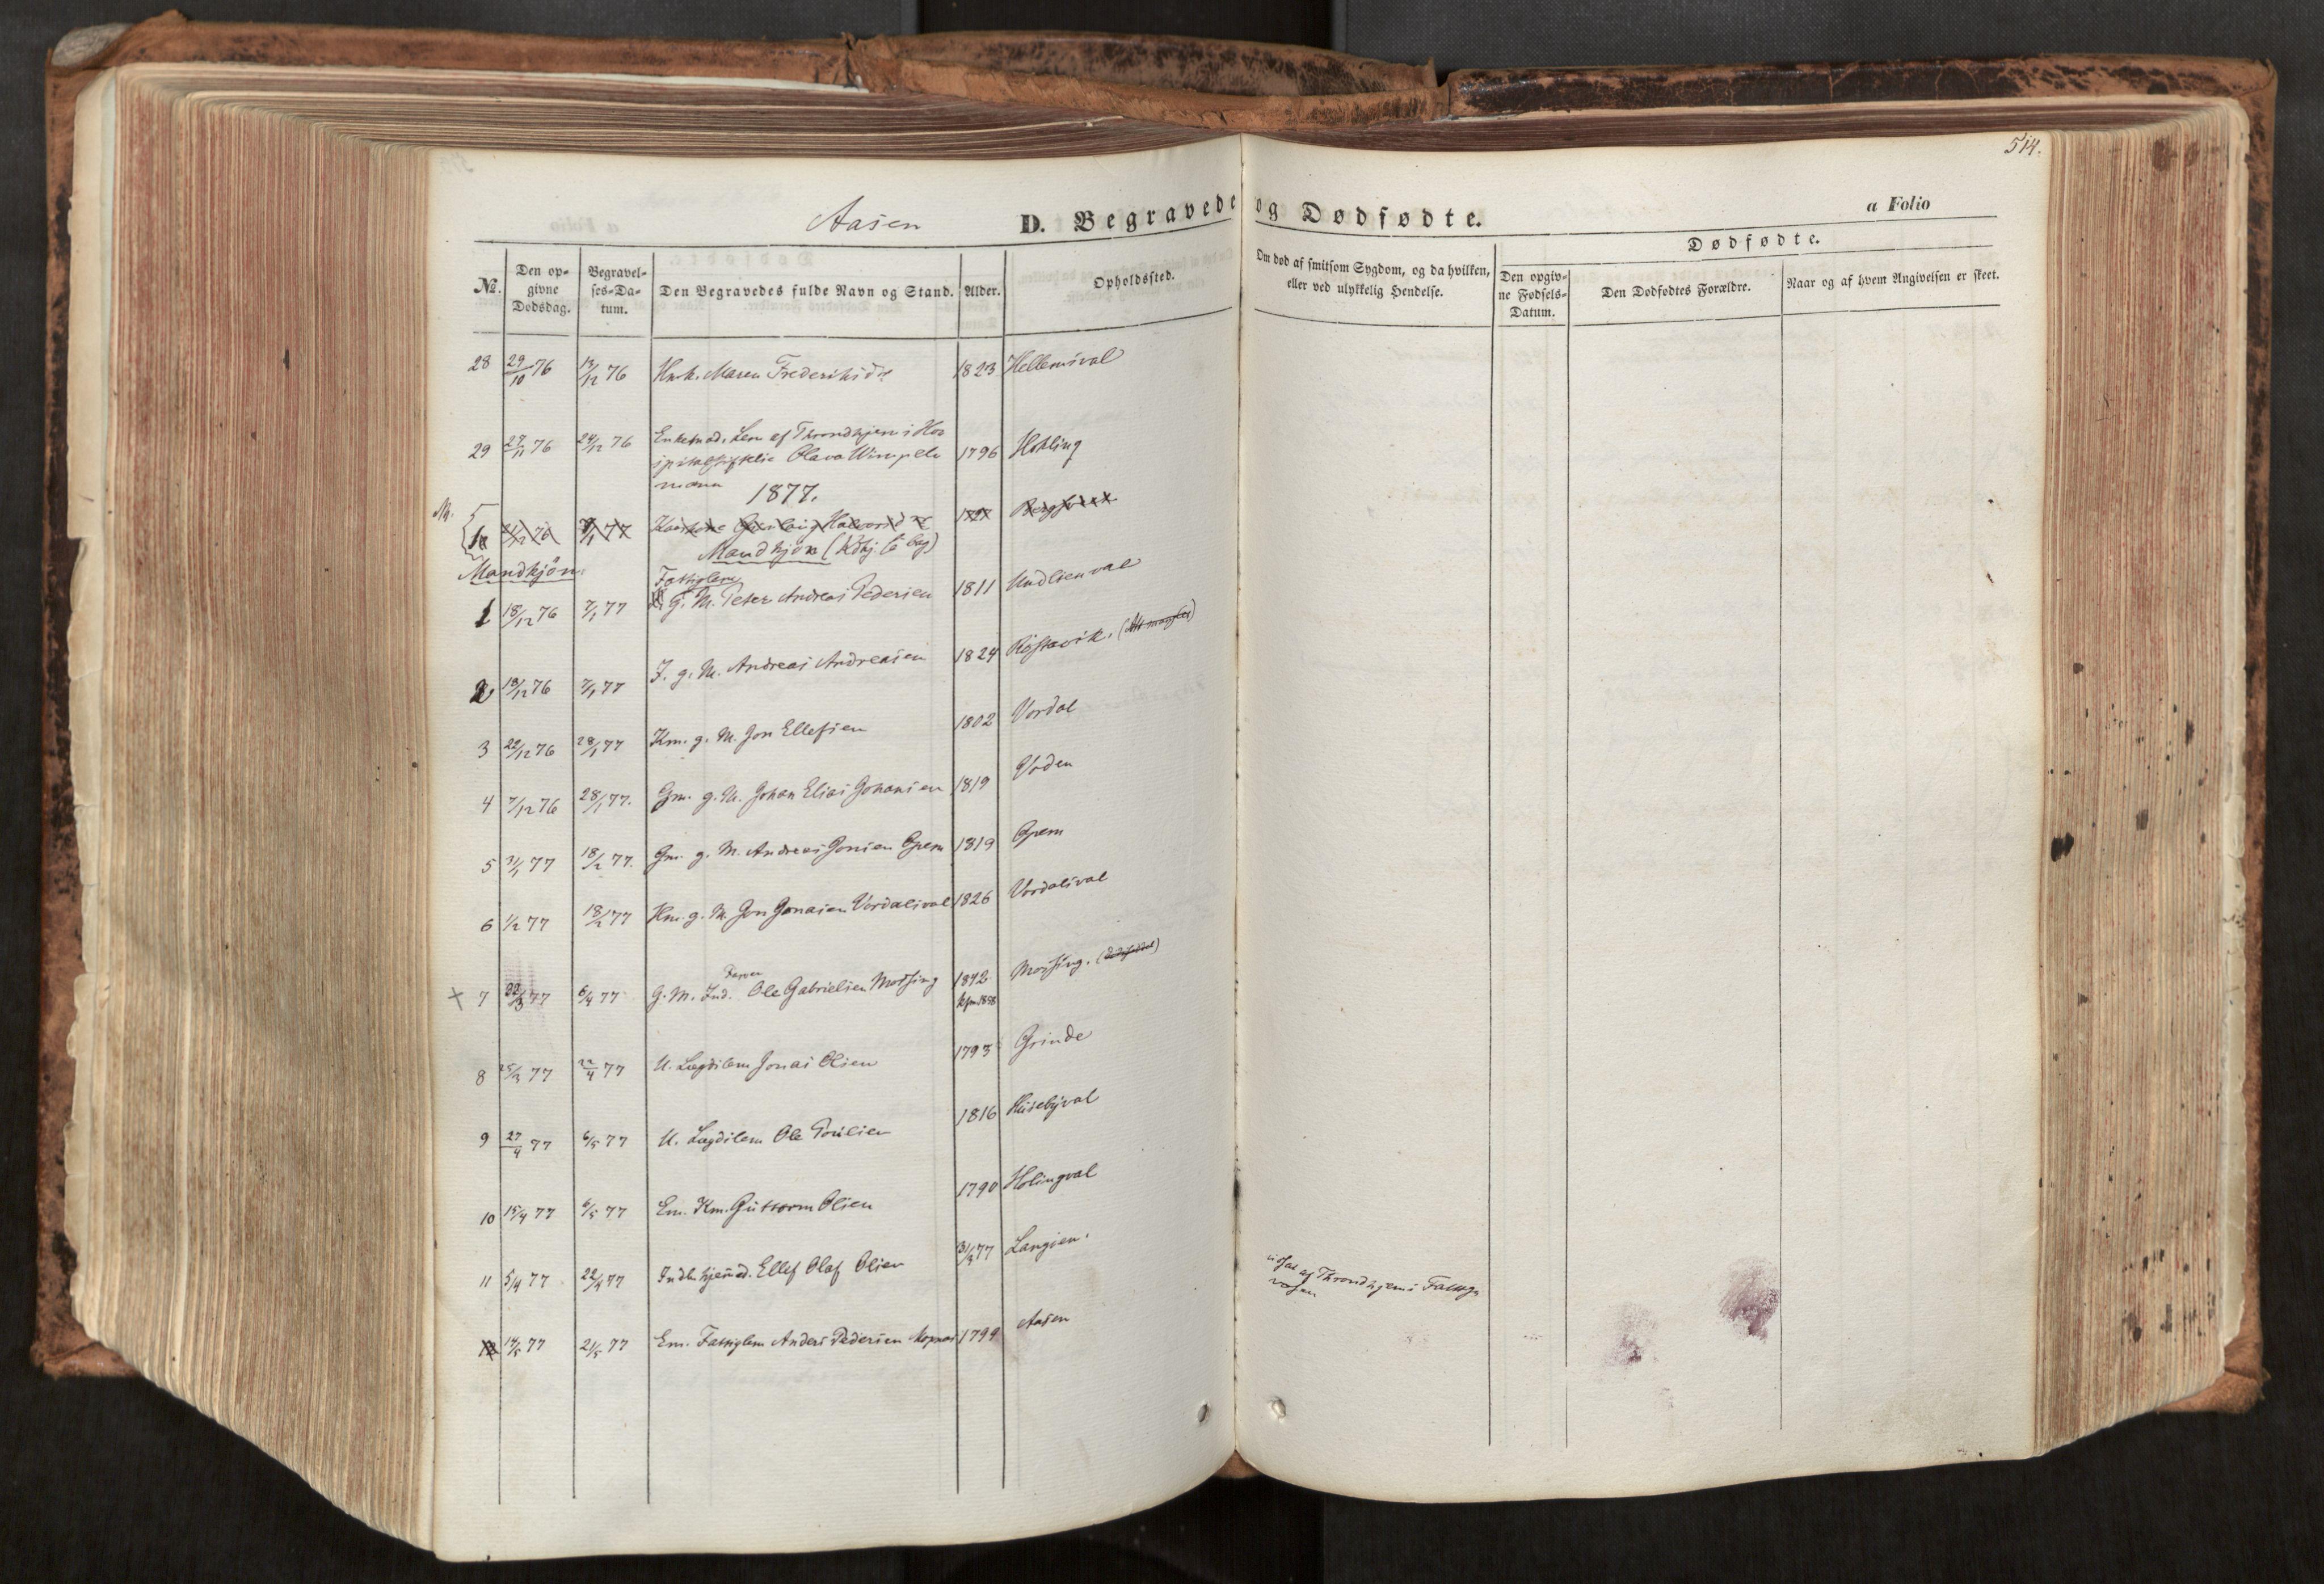 SAT, Ministerialprotokoller, klokkerbøker og fødselsregistre - Nord-Trøndelag, 713/L0116: Ministerialbok nr. 713A07, 1850-1877, s. 514